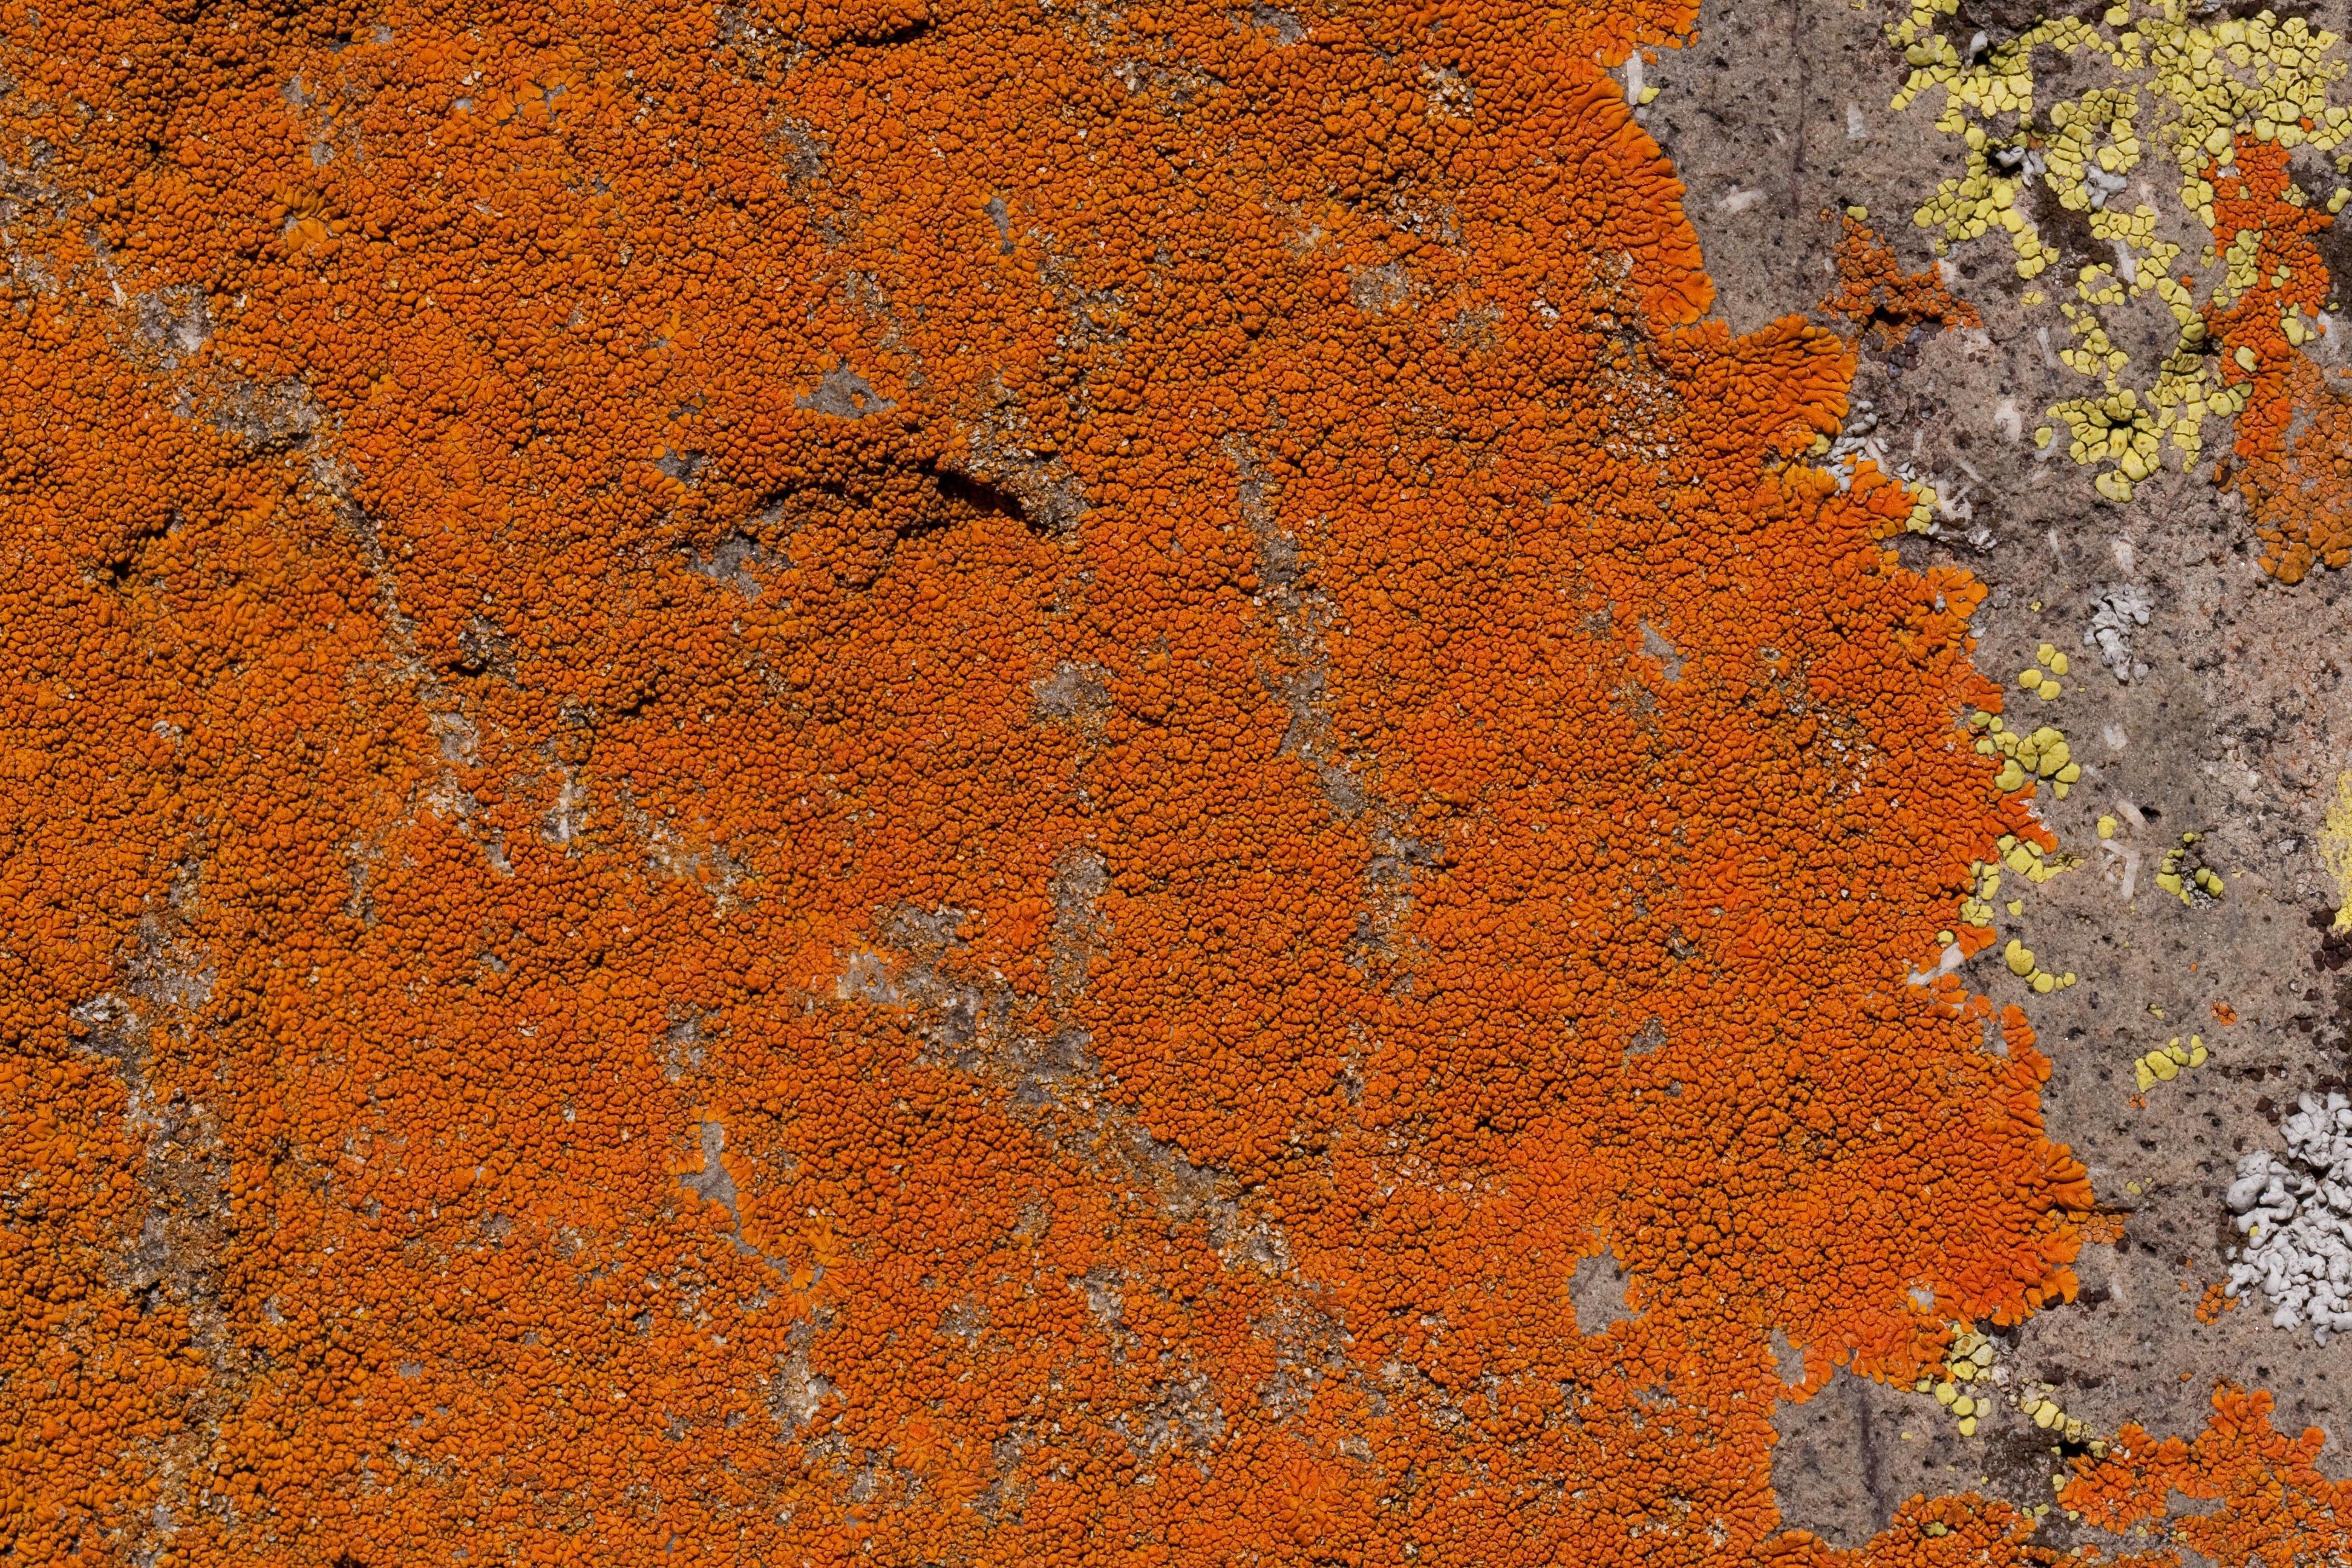 Caloplaca texana image